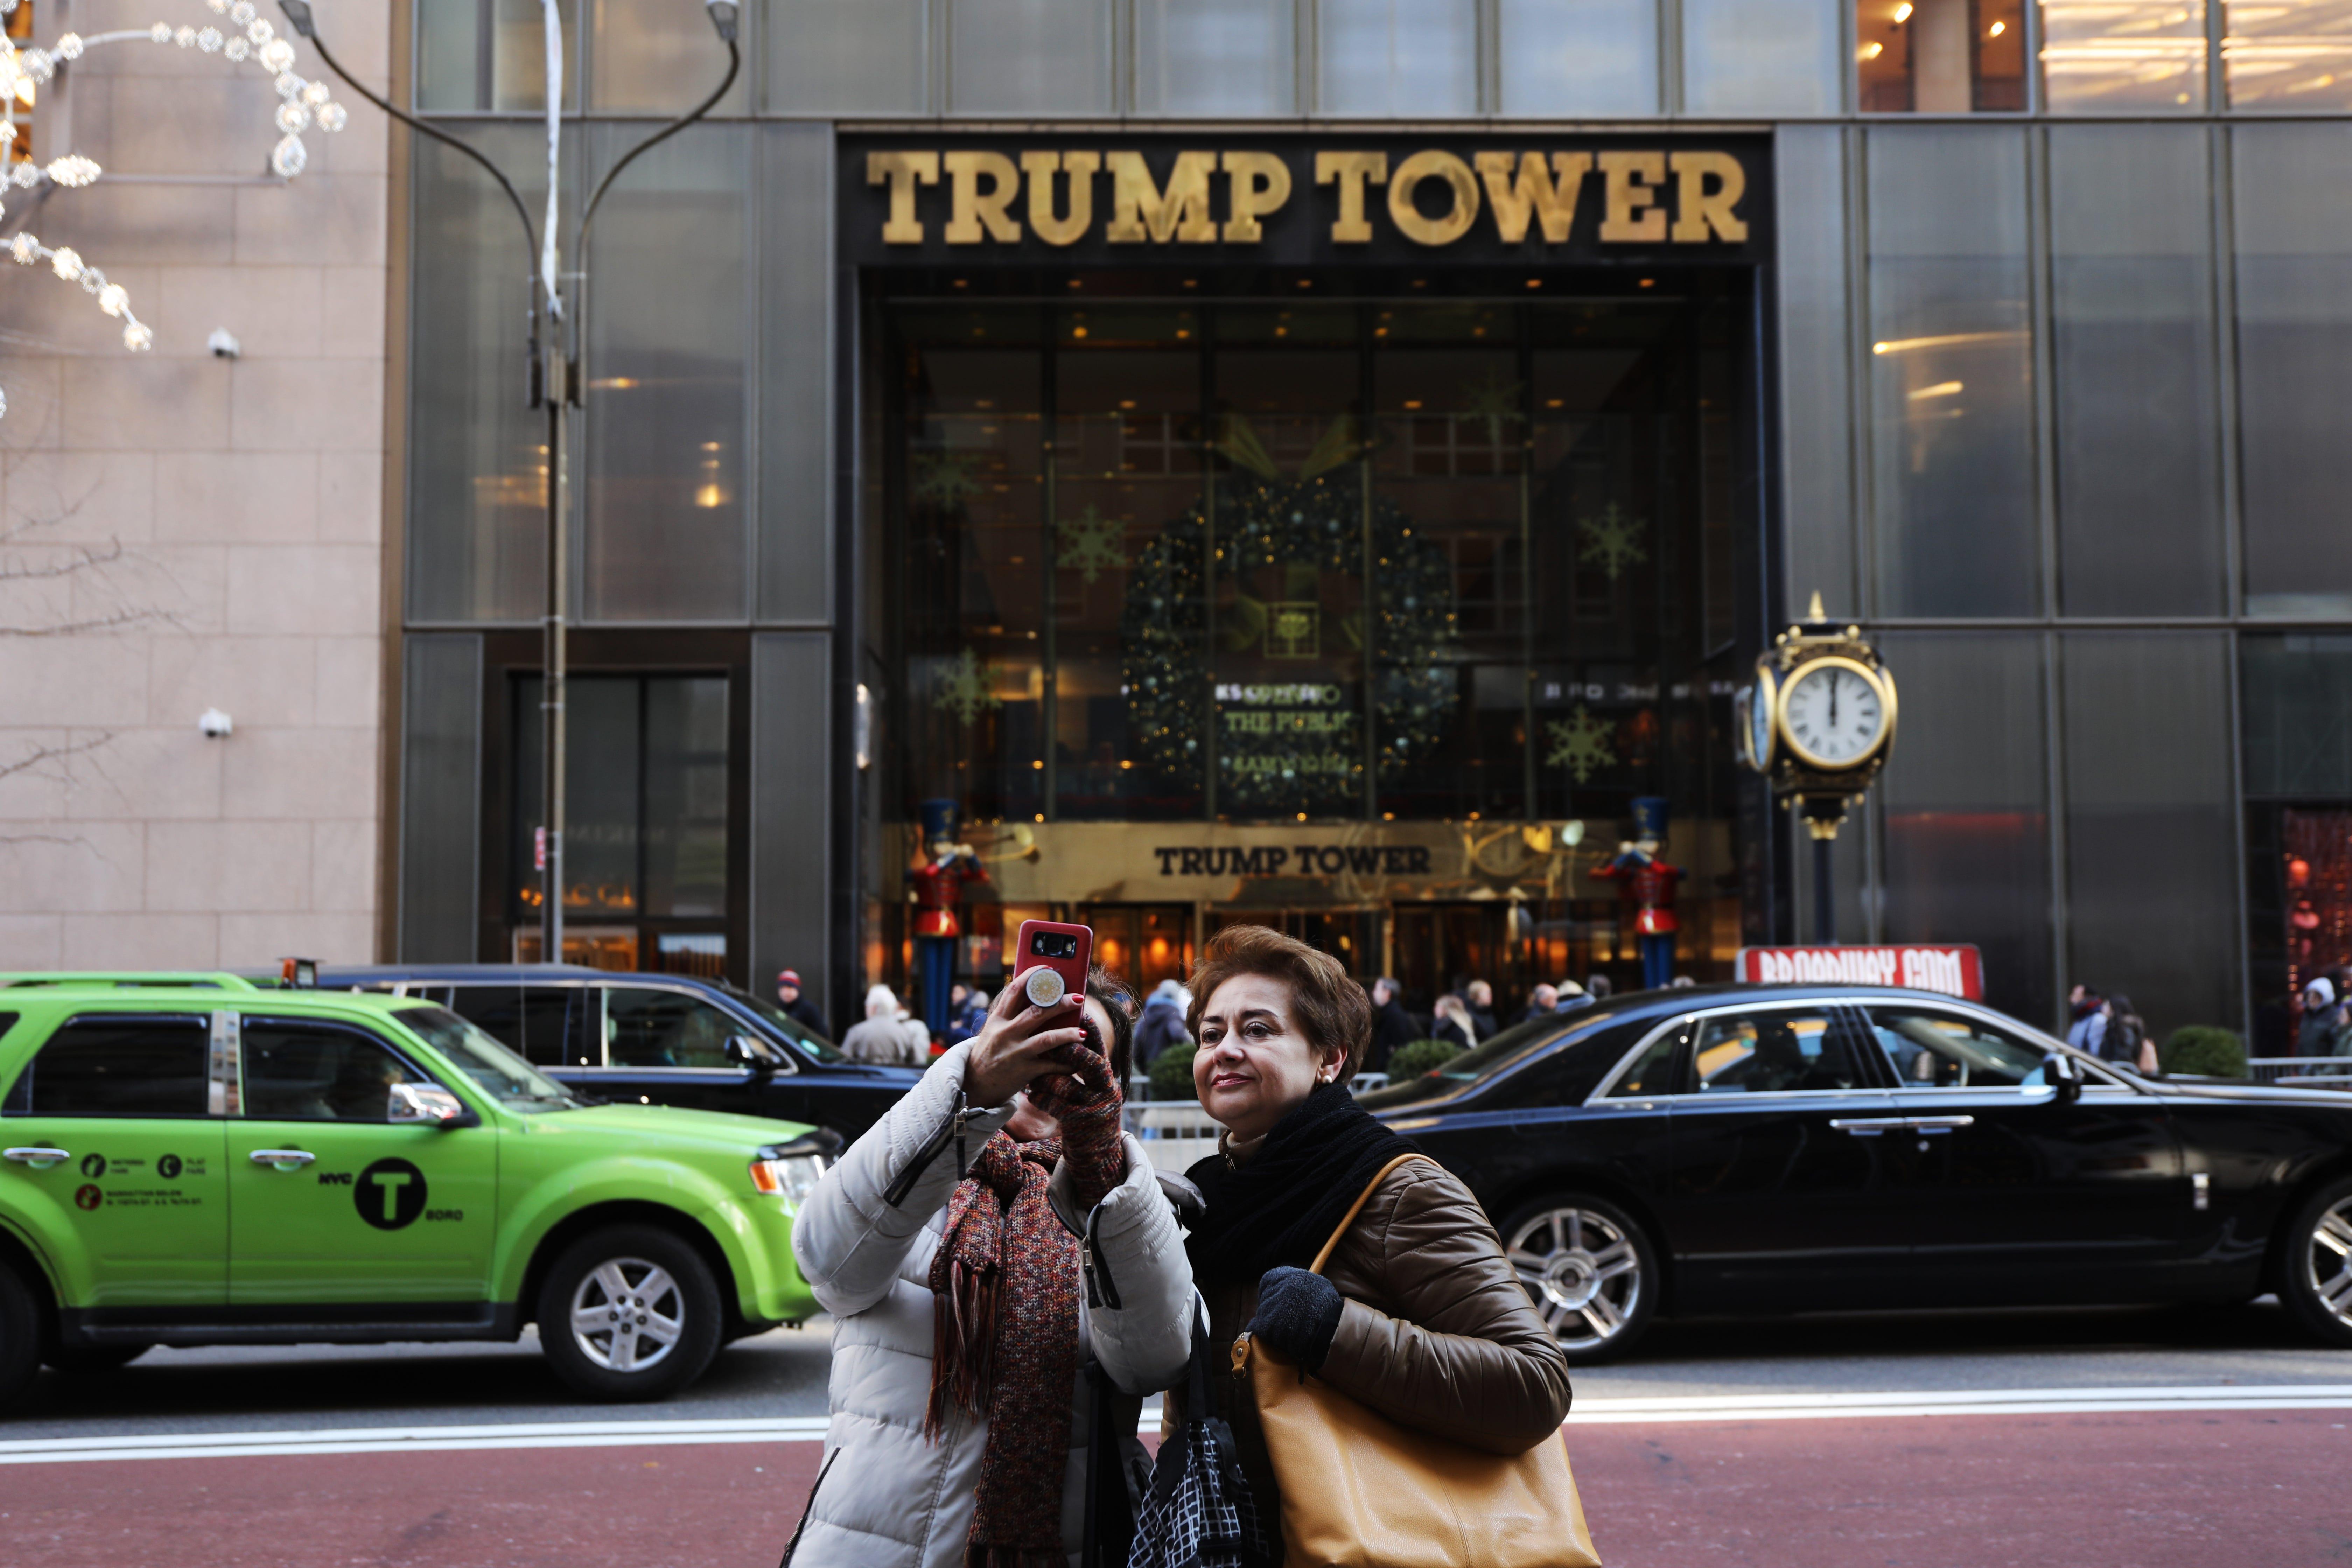 People walk by Trump Tower in Midtown Manhattan on Dec. 10, 2018.